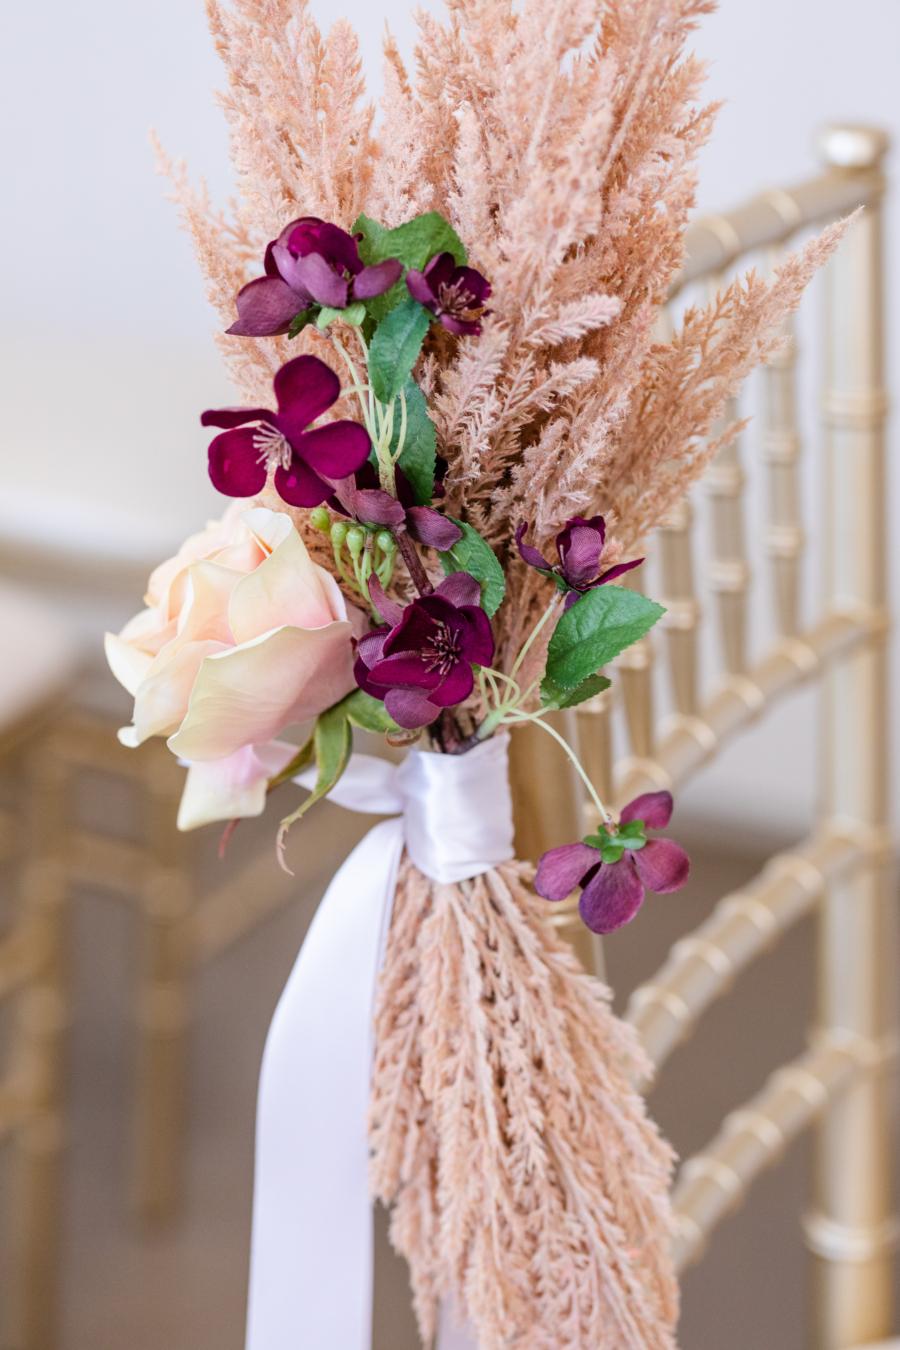 Margaritaville Hotel Nashville wedding details